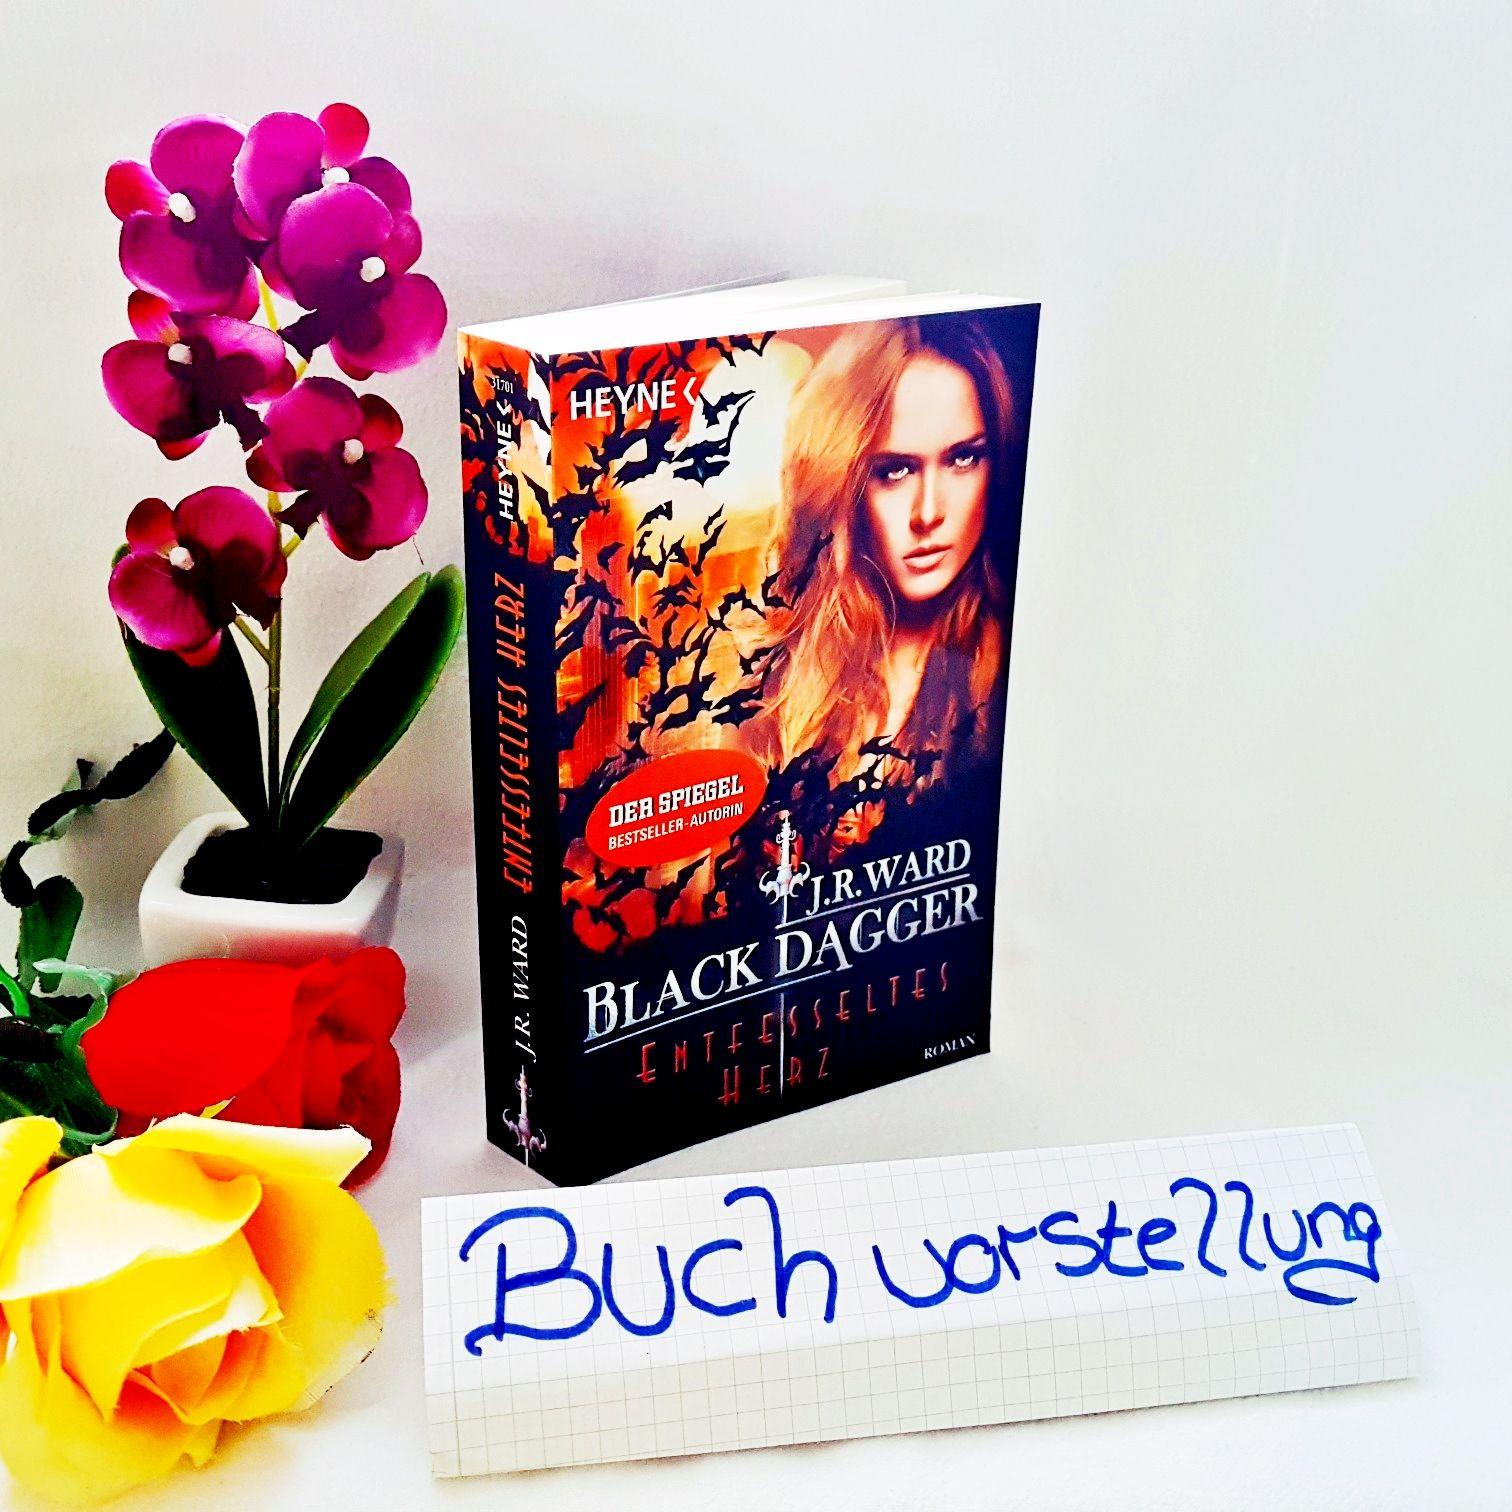 Black Dagger Band 26 Entfesseltes Herz